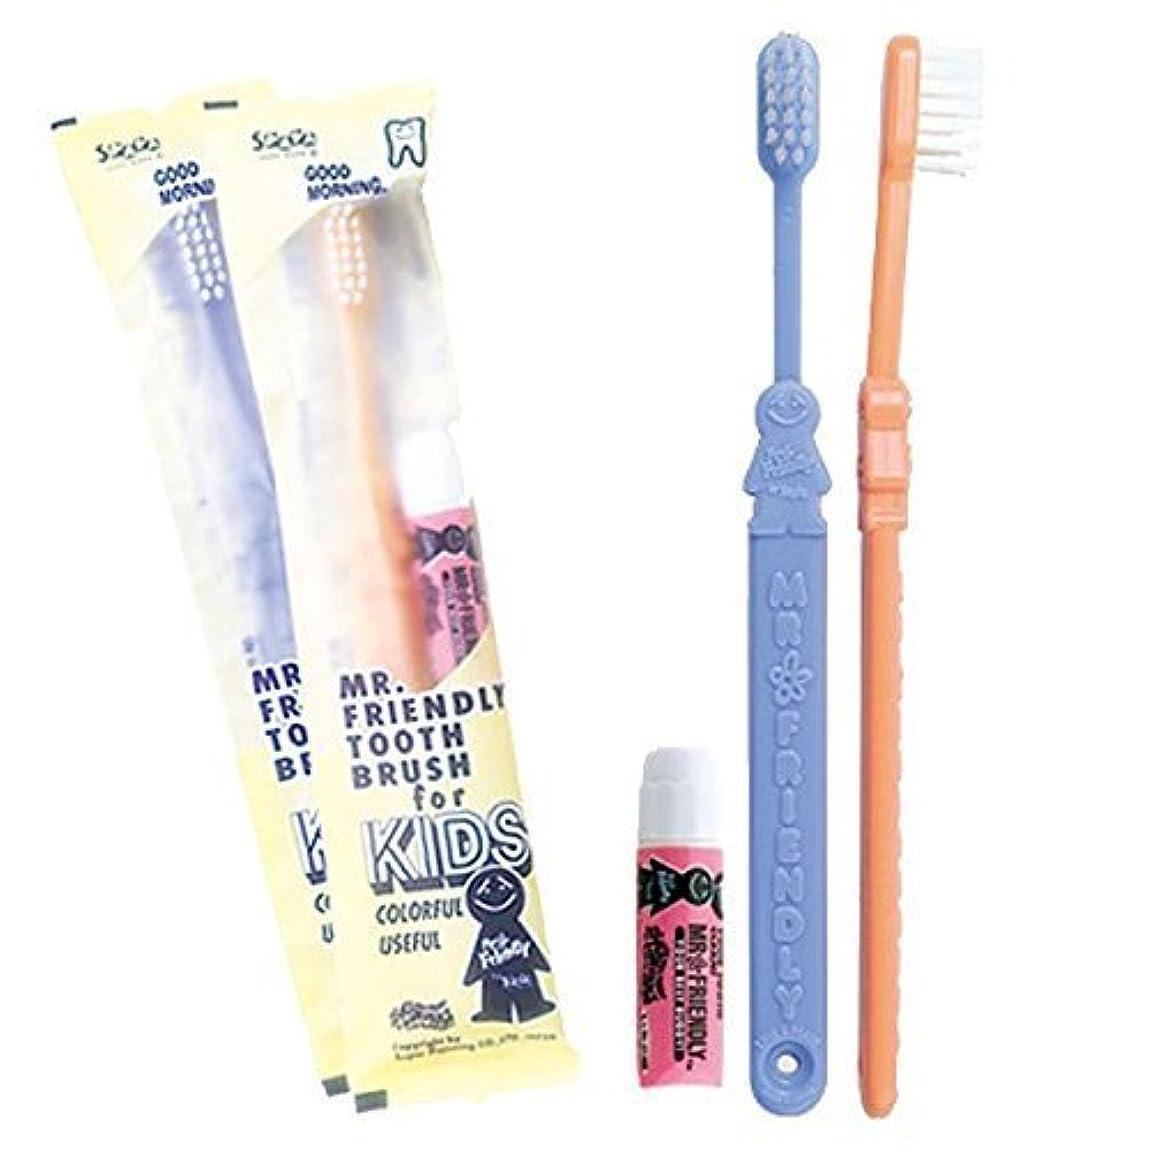 人に関する限り最初そしてミスターフレンドリー歯ブラシ ブルー 5本